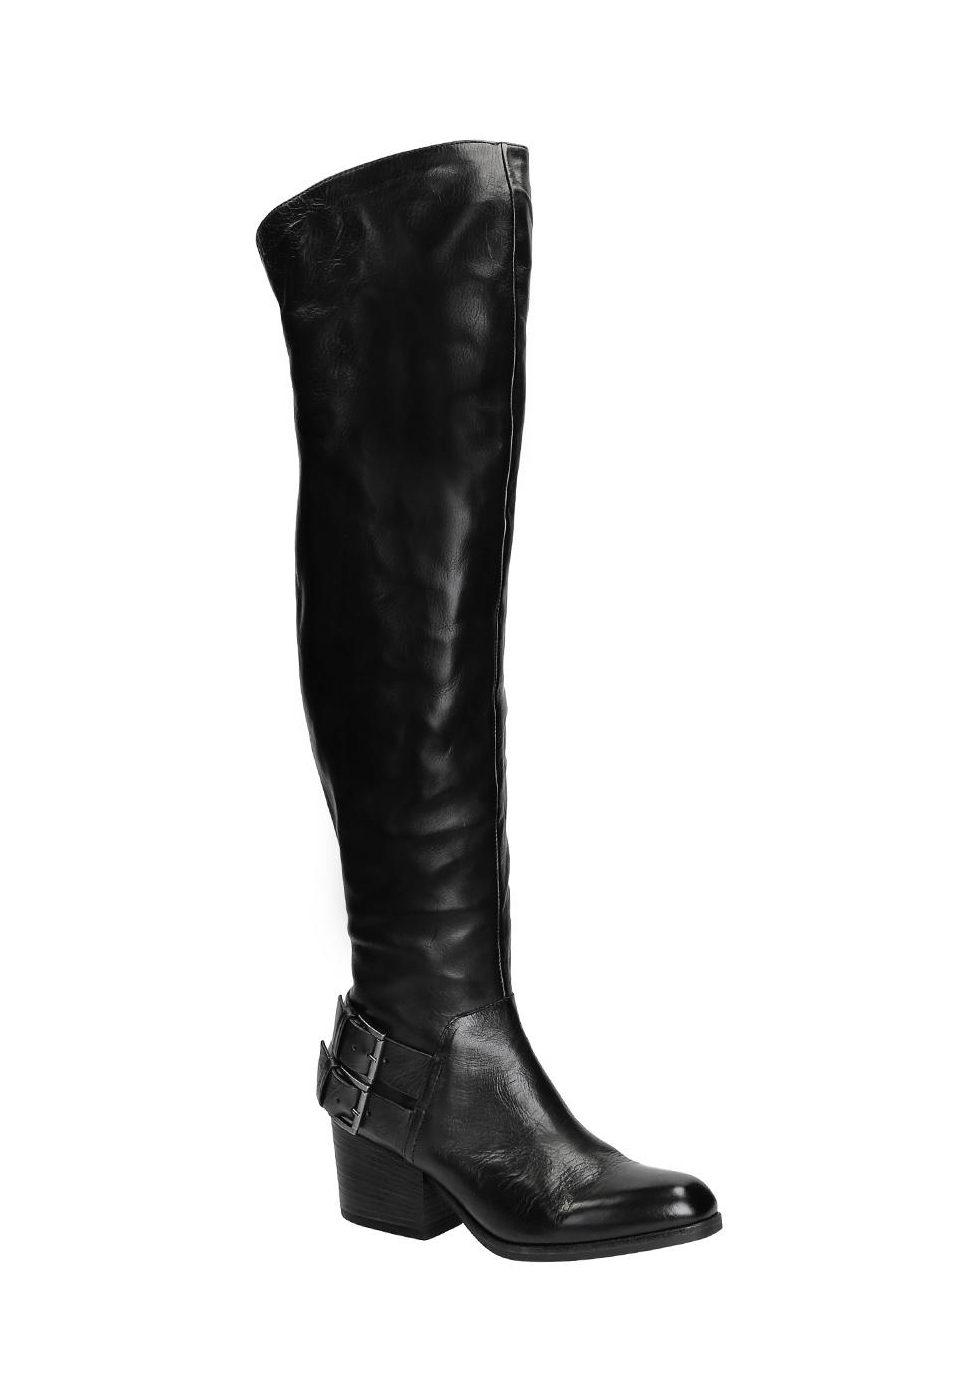 Vic Matié botas cuero altas en cuero botas negro Italian Boutique 6c6200